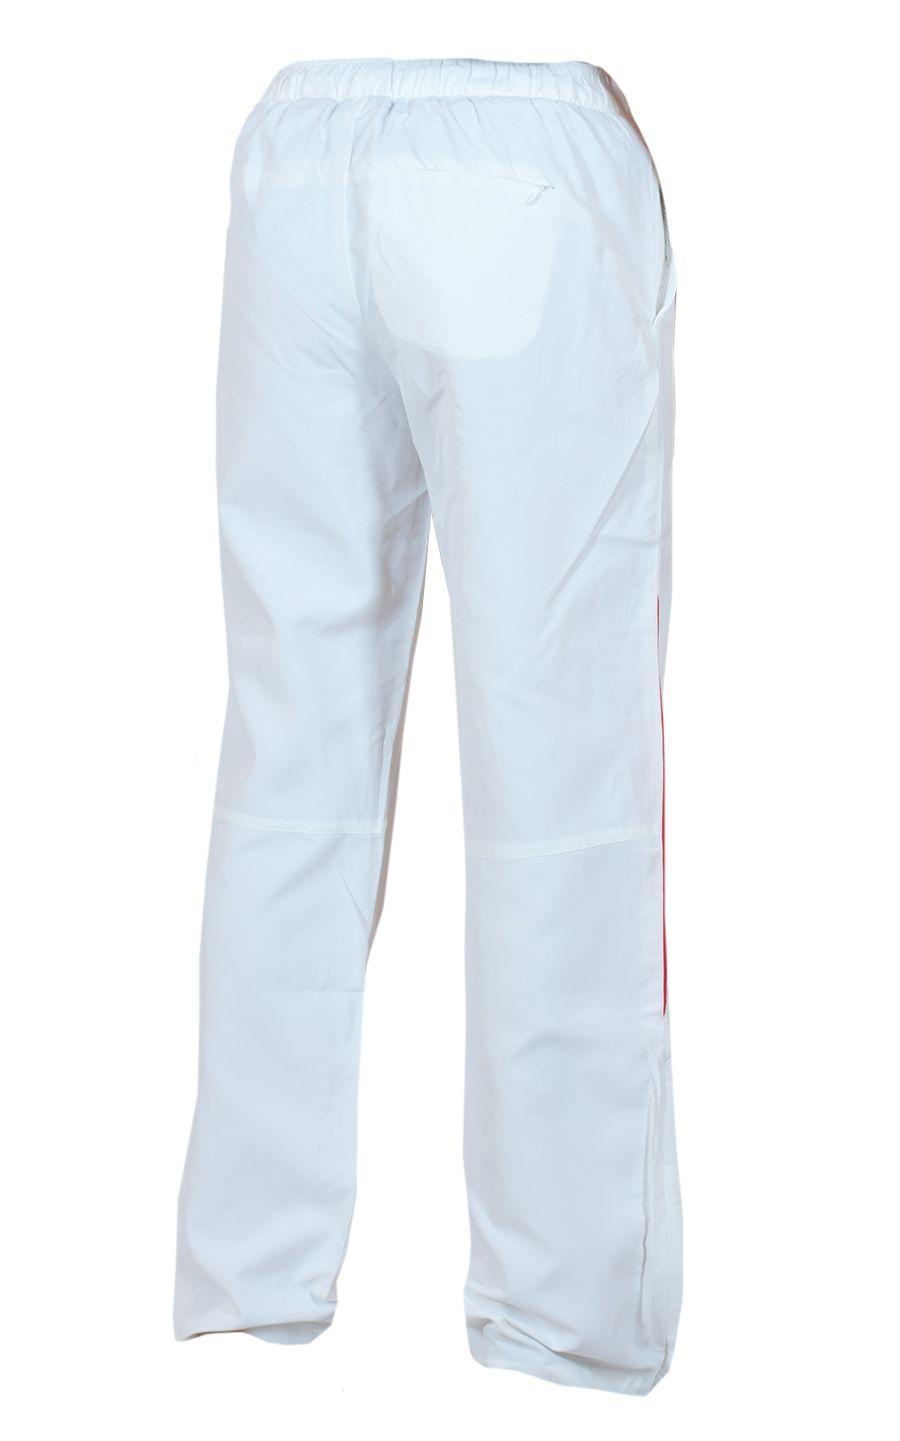 Белые спортивные брючки для девушек - вид сзади